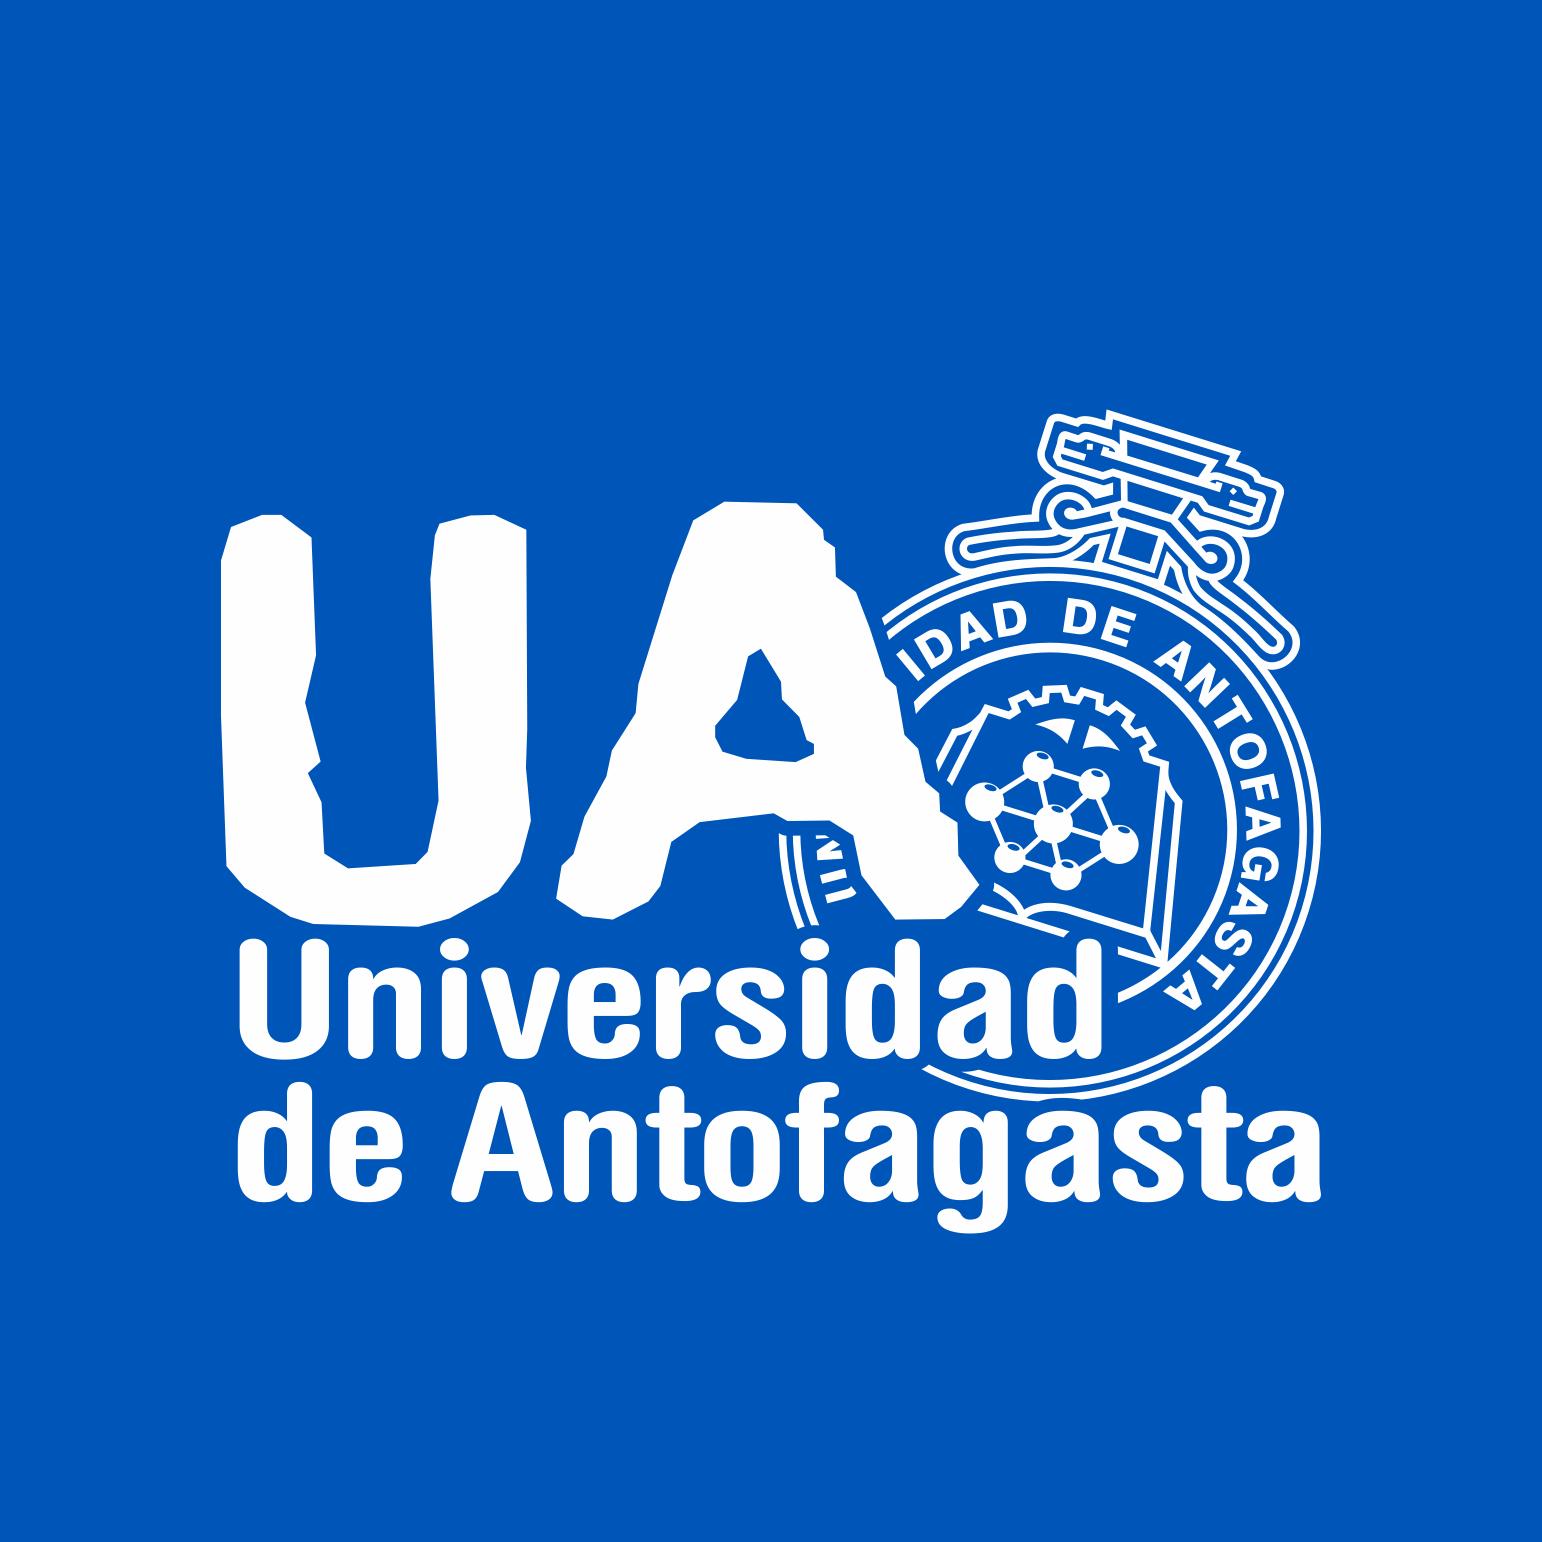 Plataforma de Clases Online - Universidad de Antofagasta